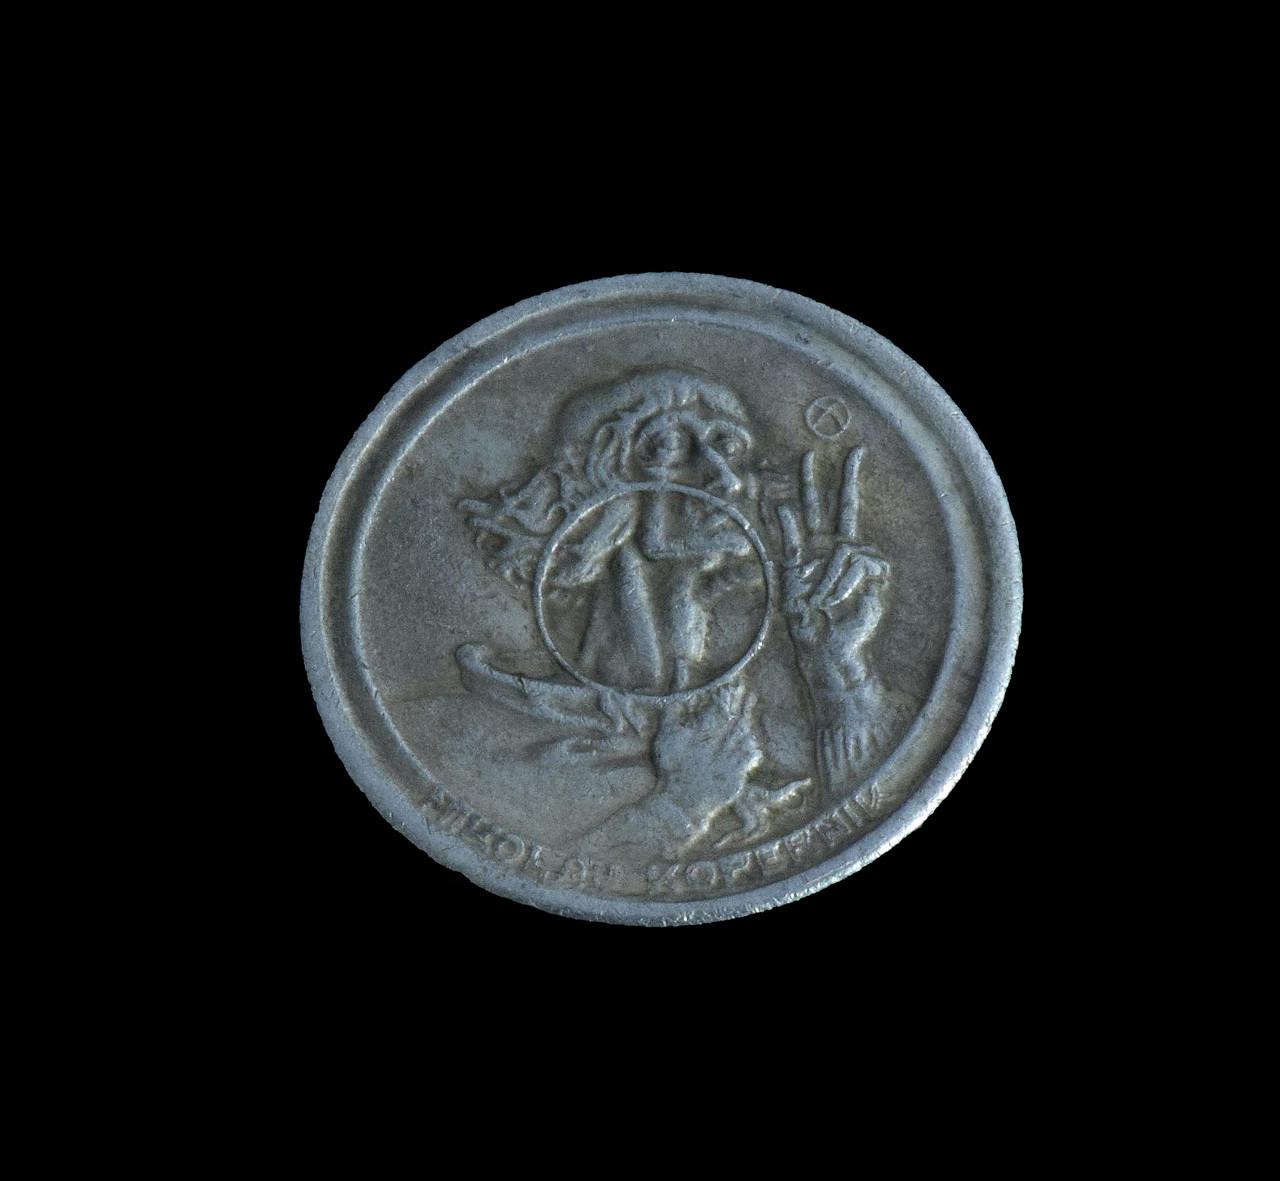 100 злотых 1925 года Николай Коперник, копия памятной монеты в серебре №512 копия